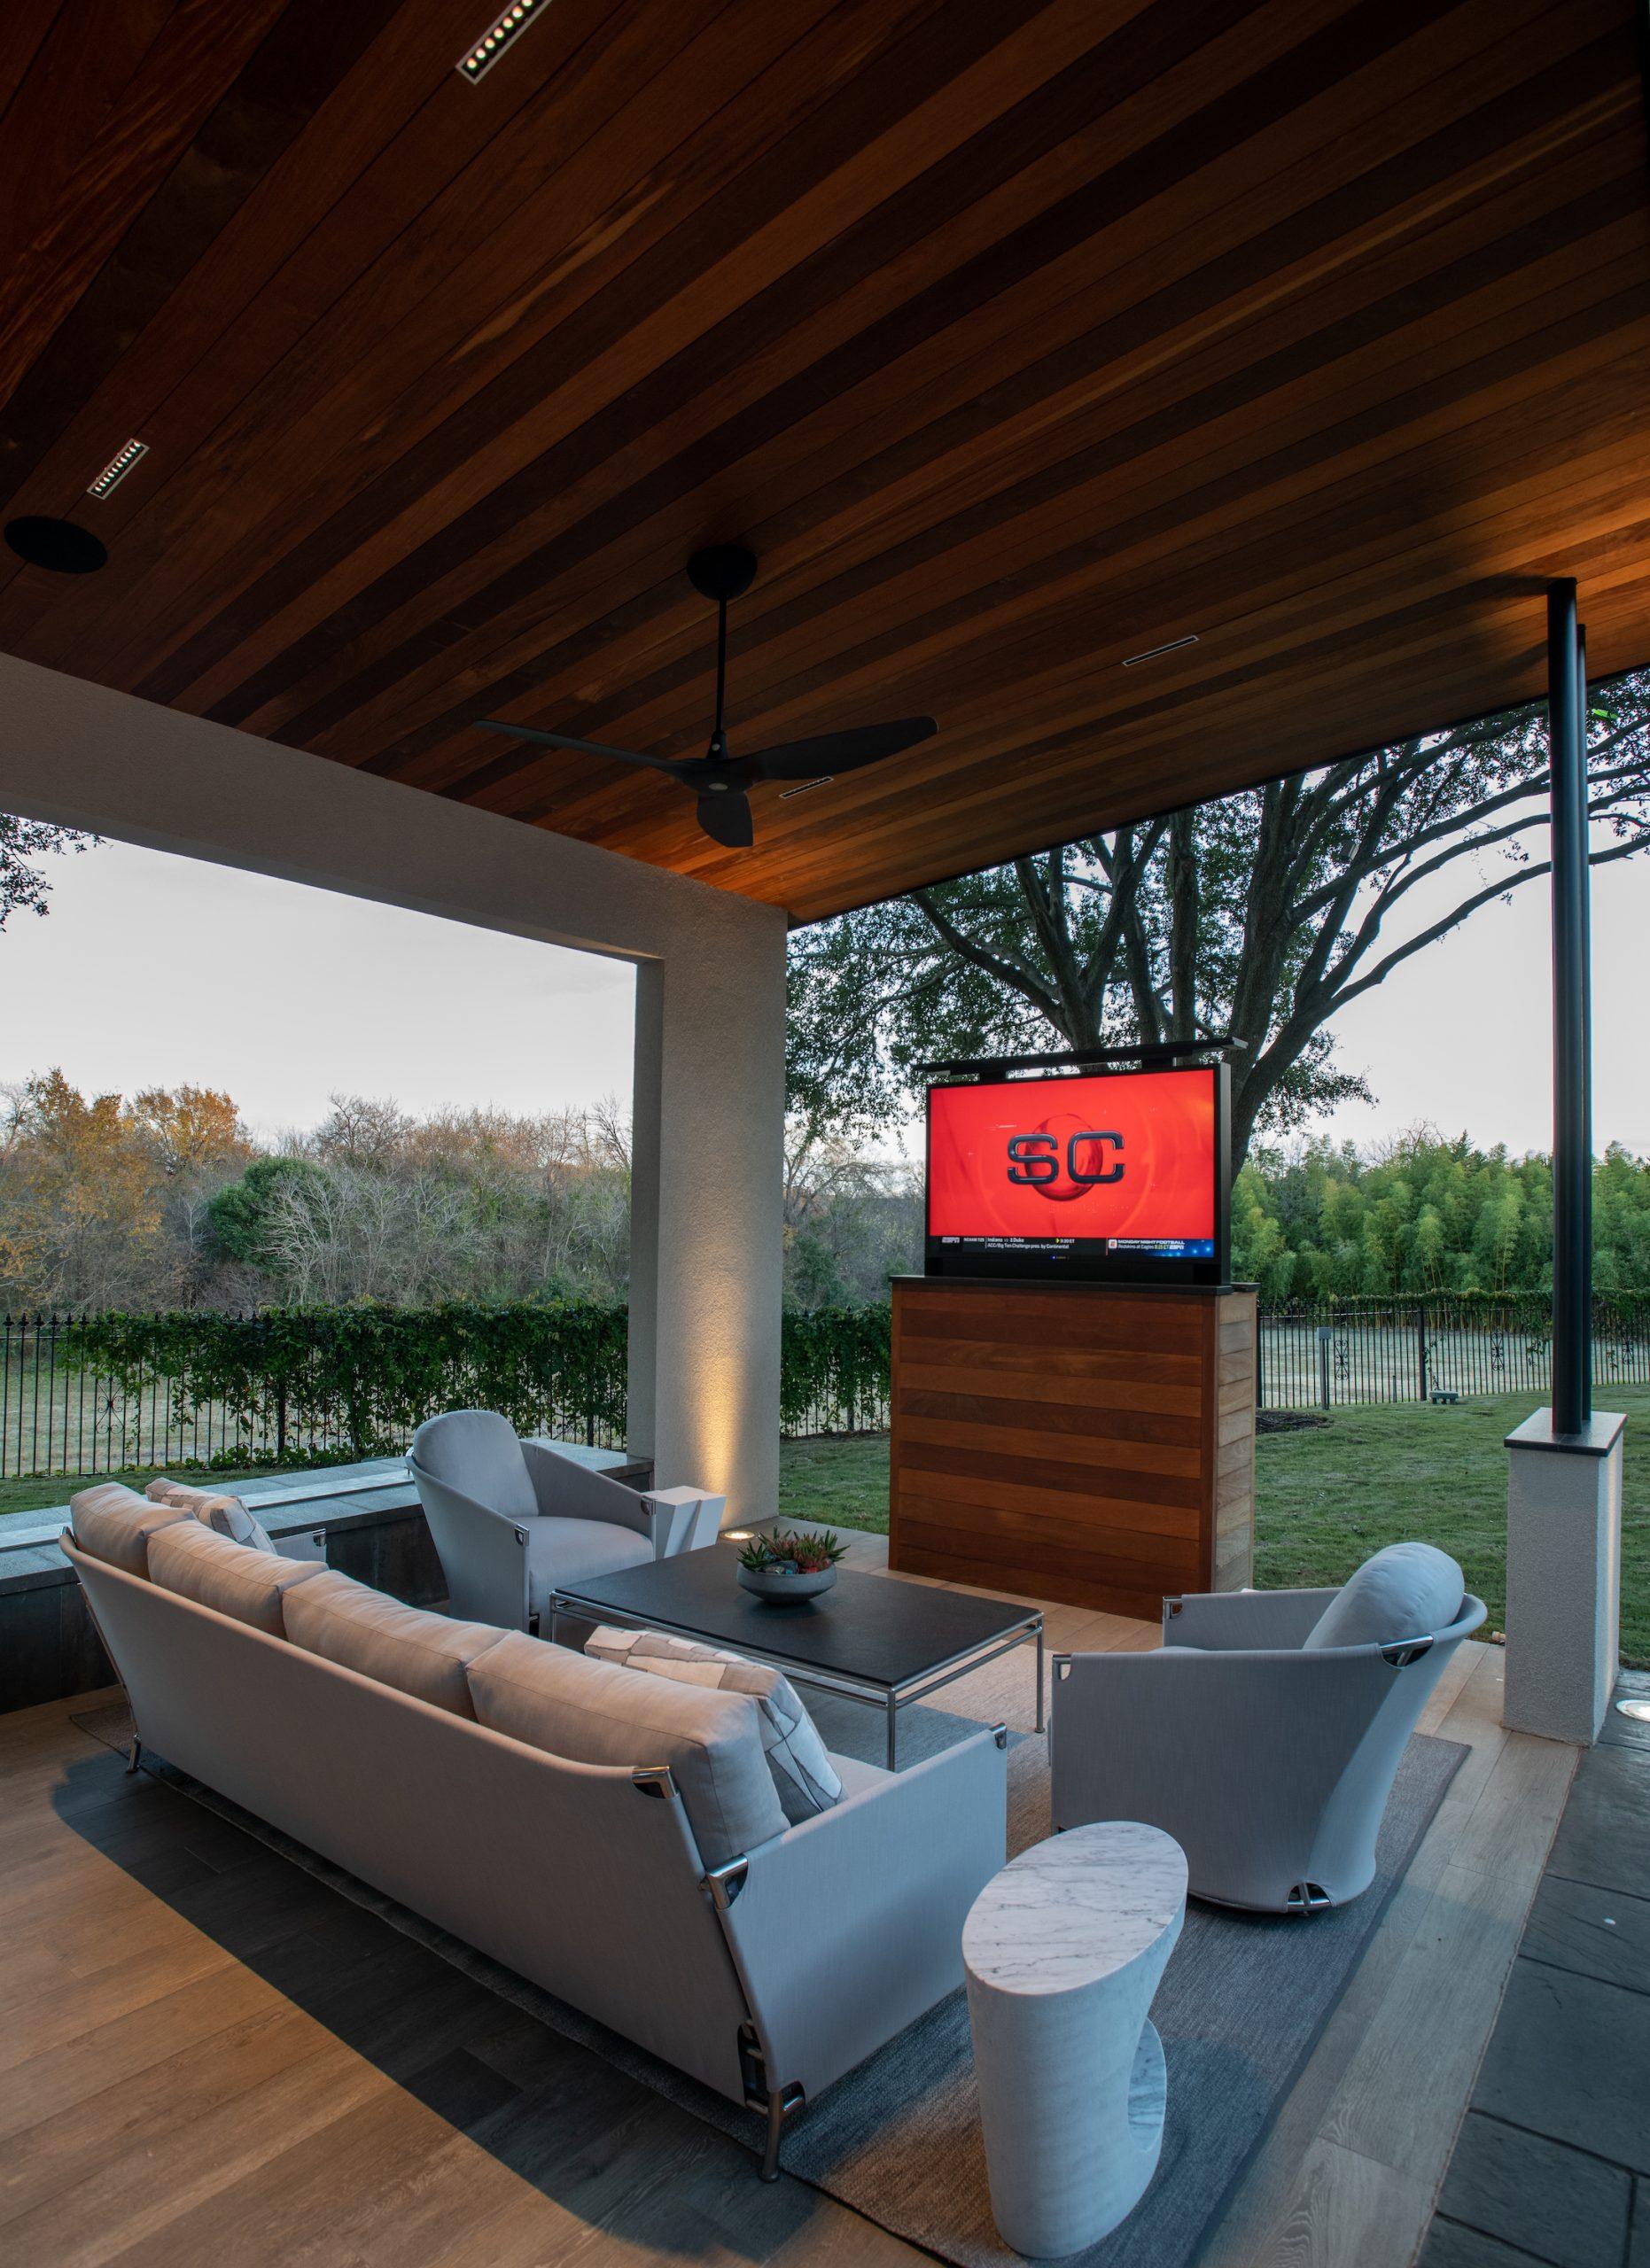 pop up tv in outdoor living plano tx